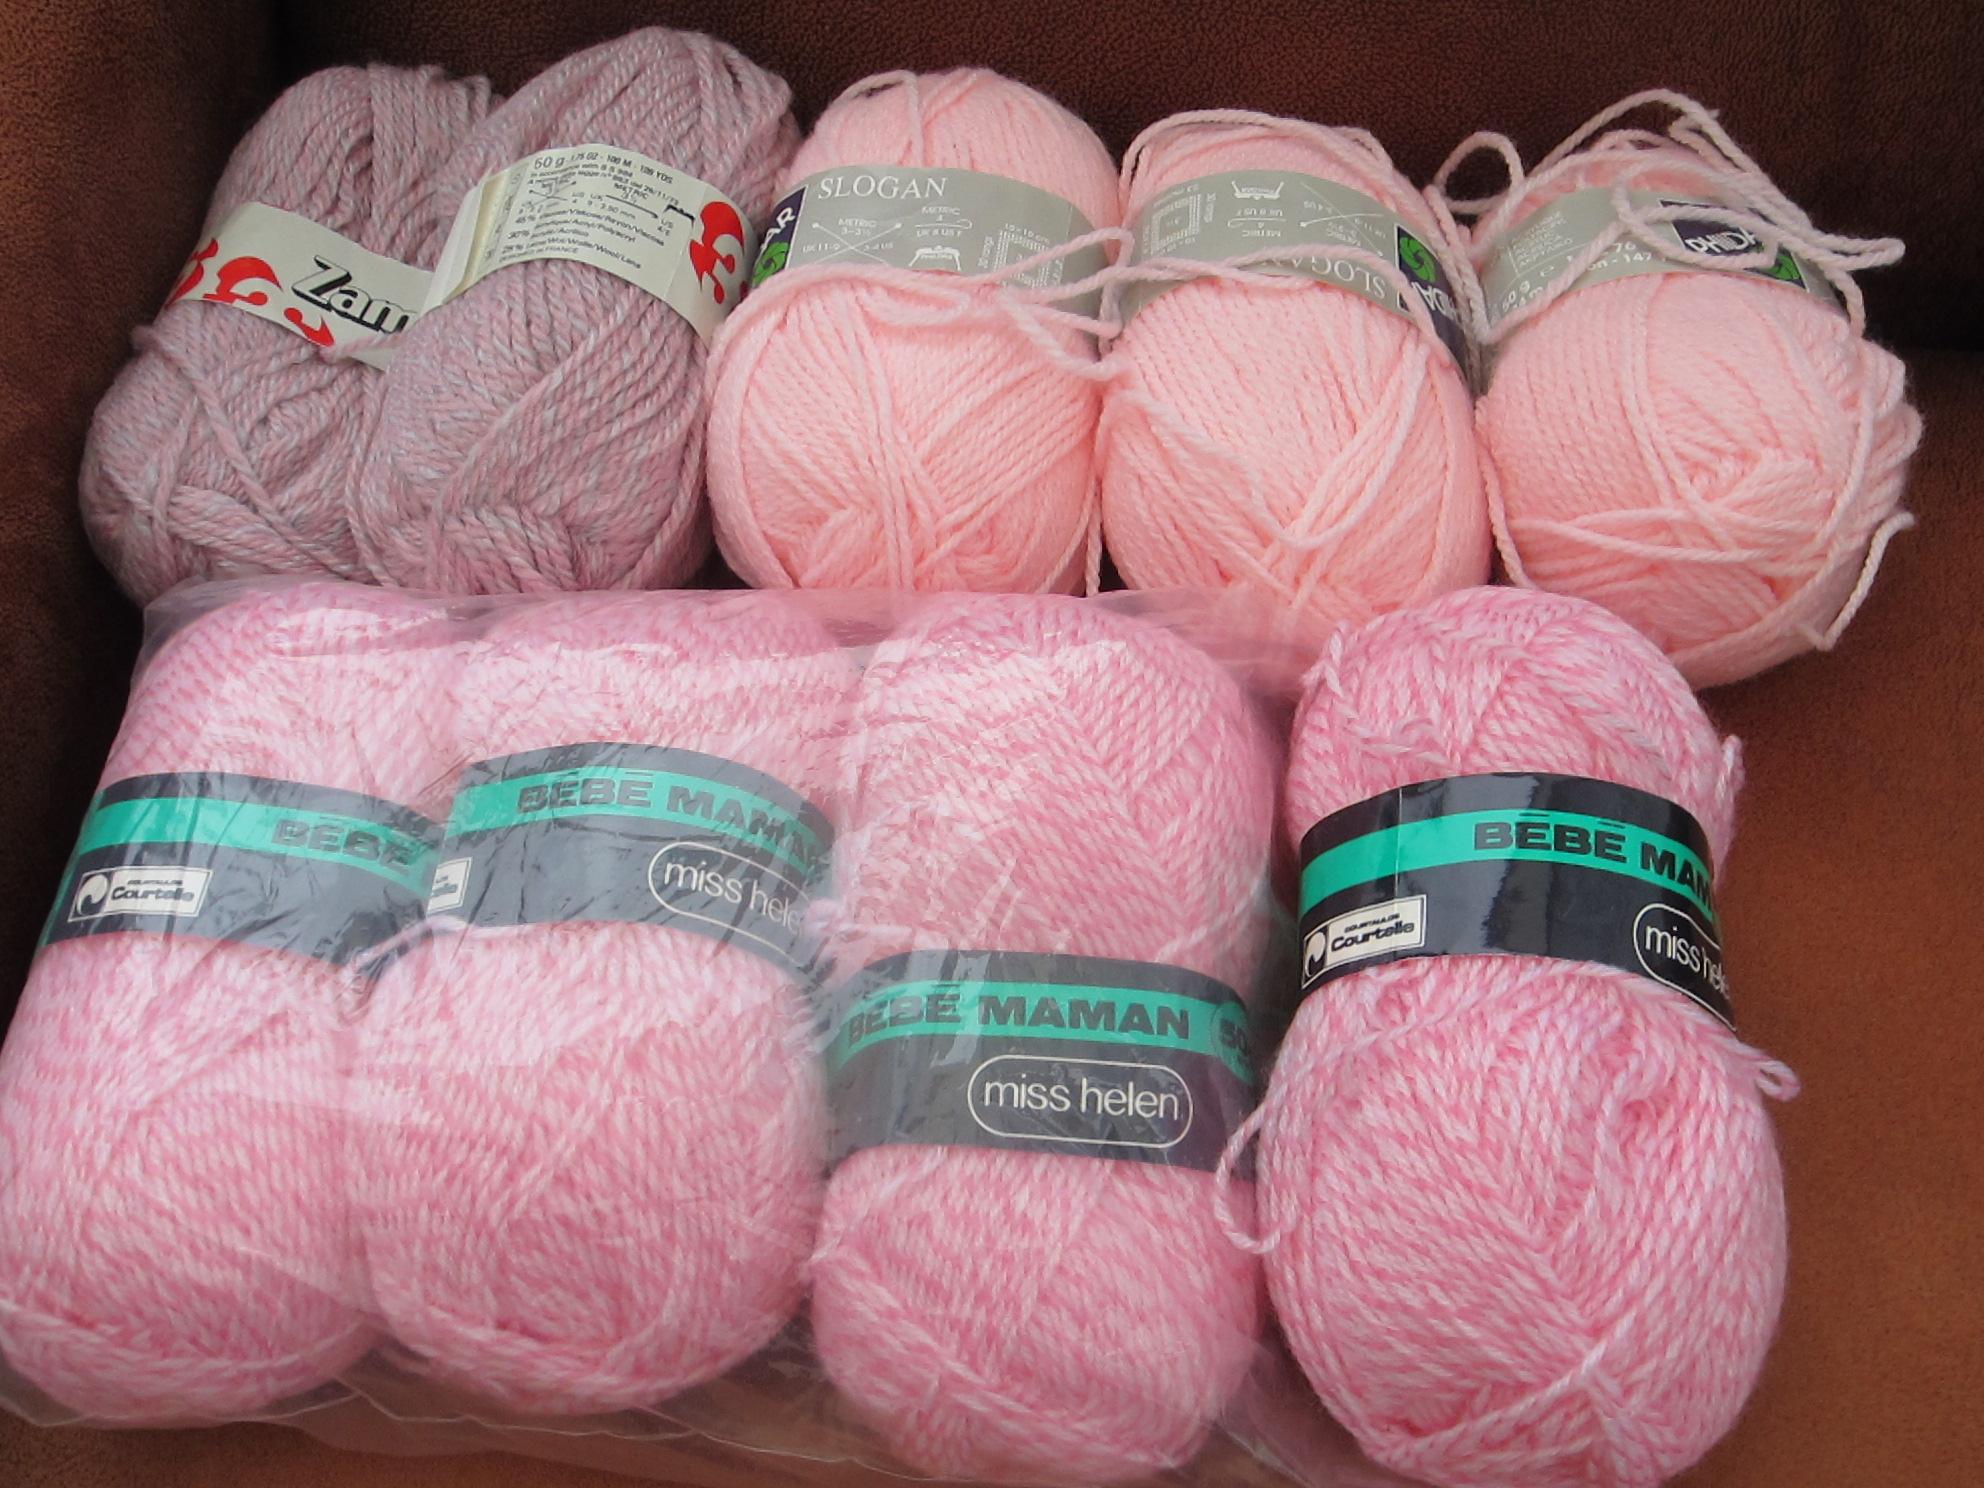 pelote de laine miss helen